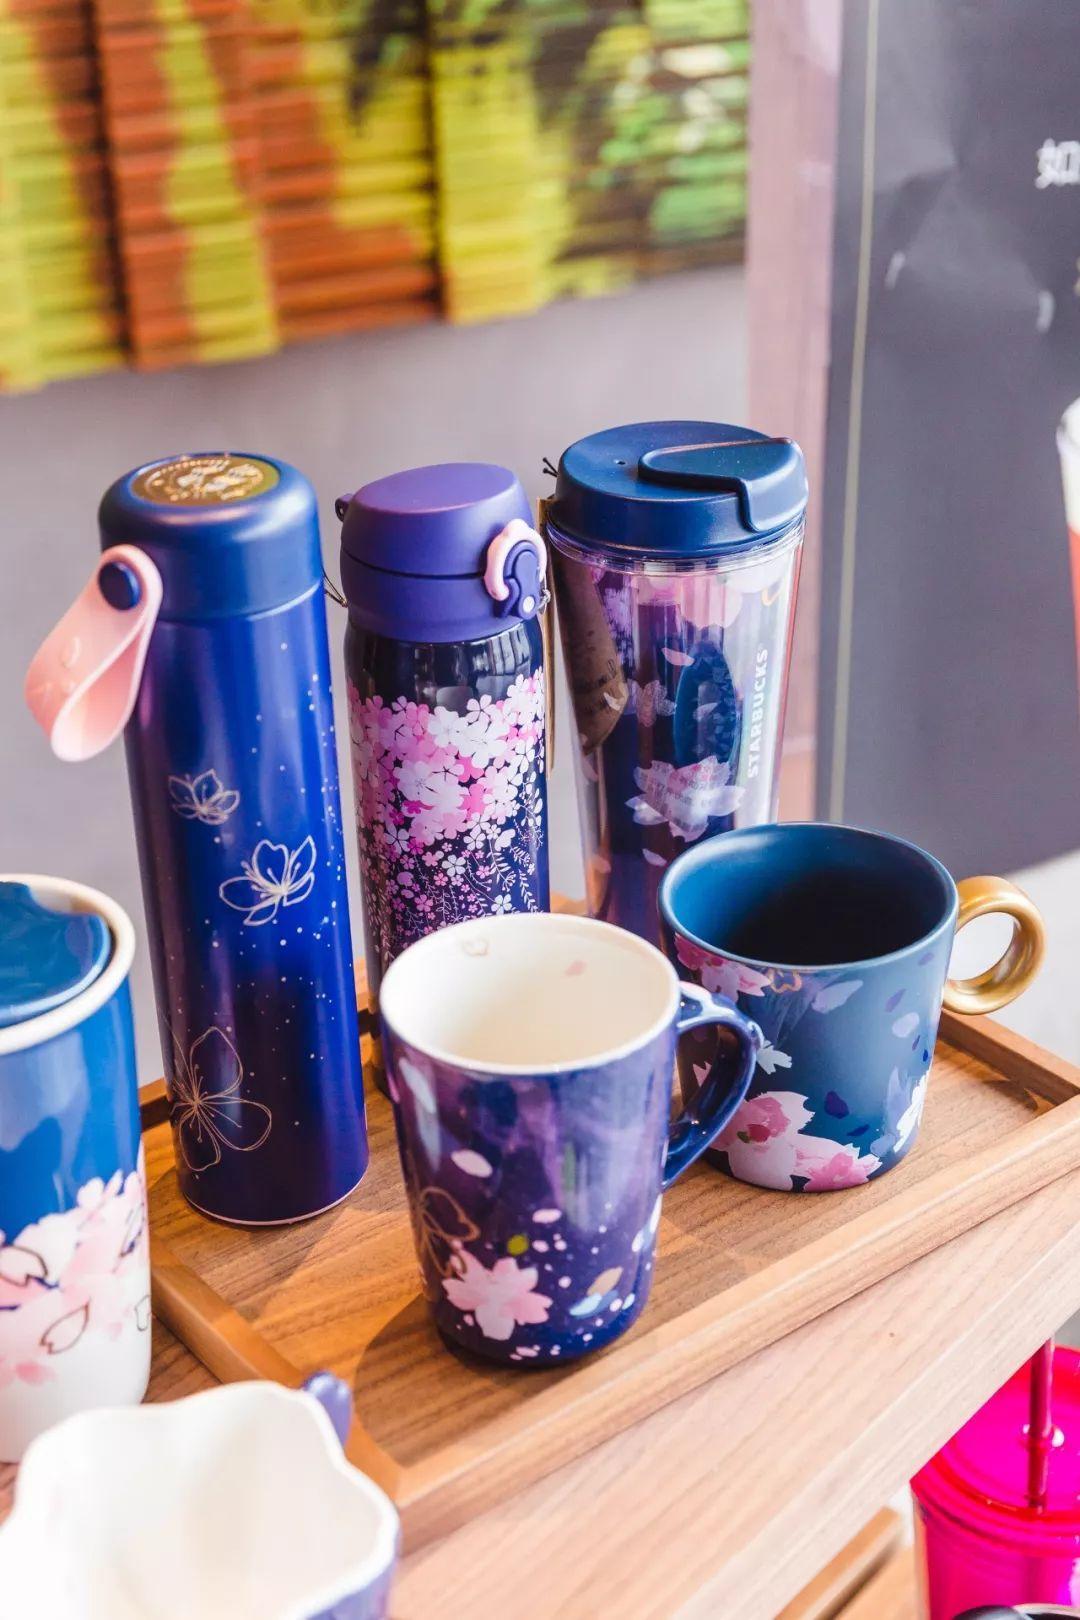 买空星巴克 2018限定樱花杯今早上市 变色杯 发光杯 樱花笔记本 爆款粉嫩来袭